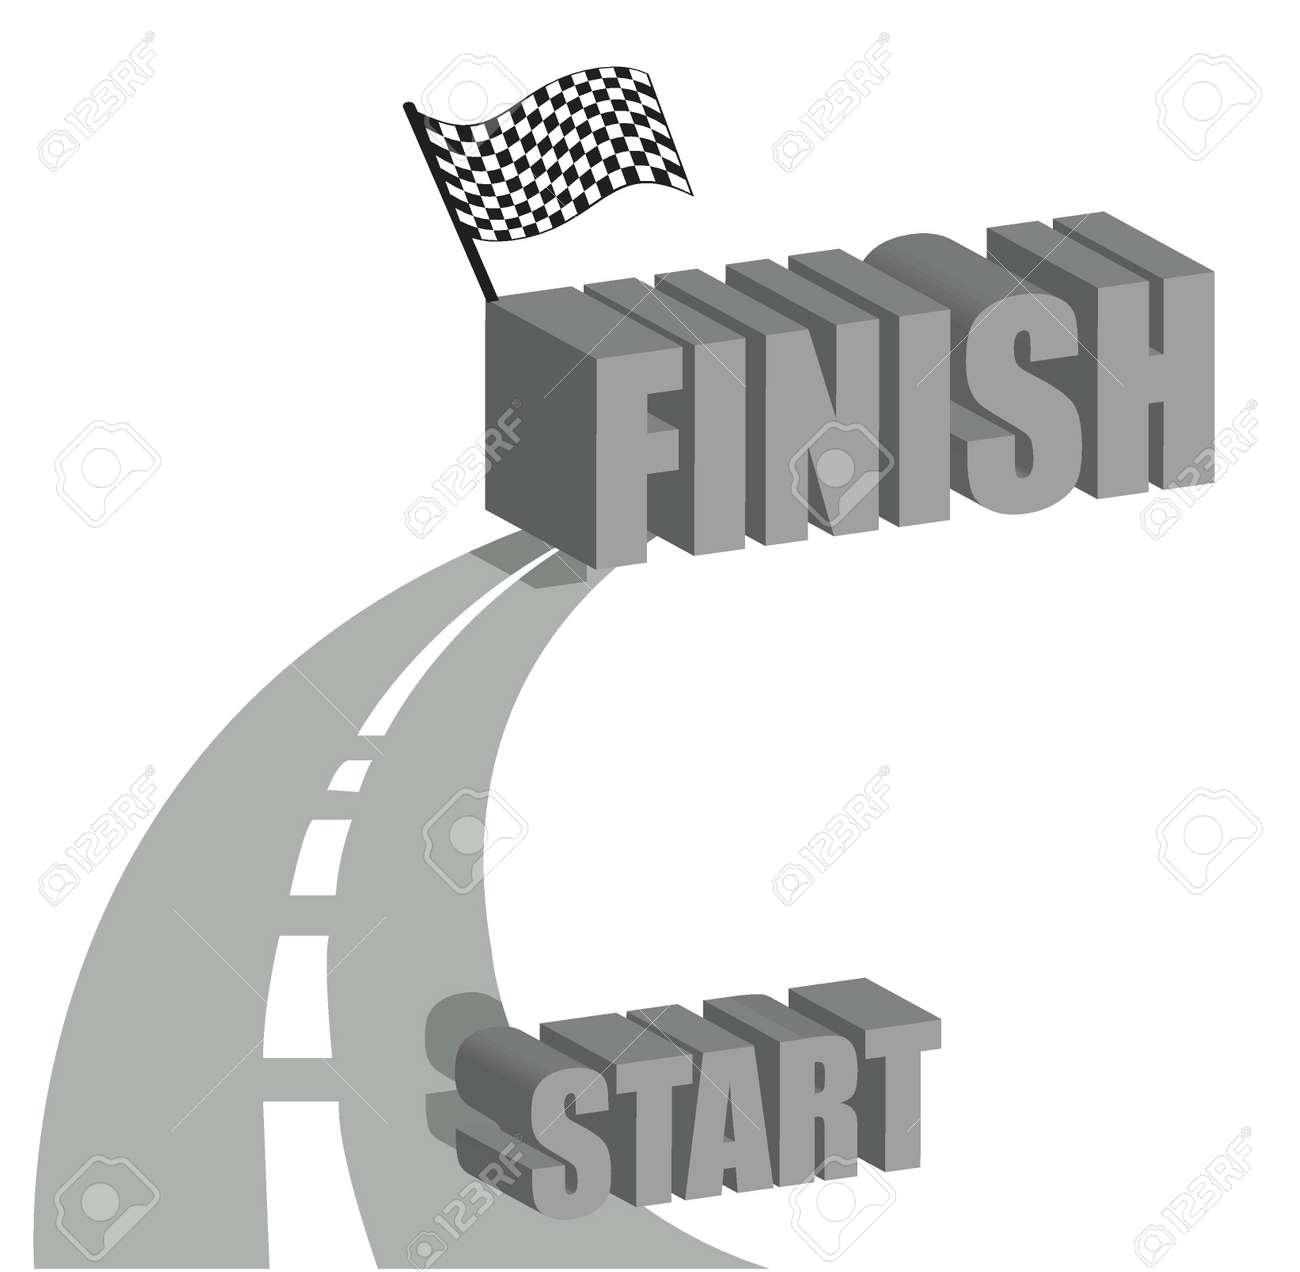 Start to finish road illustration design over white Stock Vector - 15829624